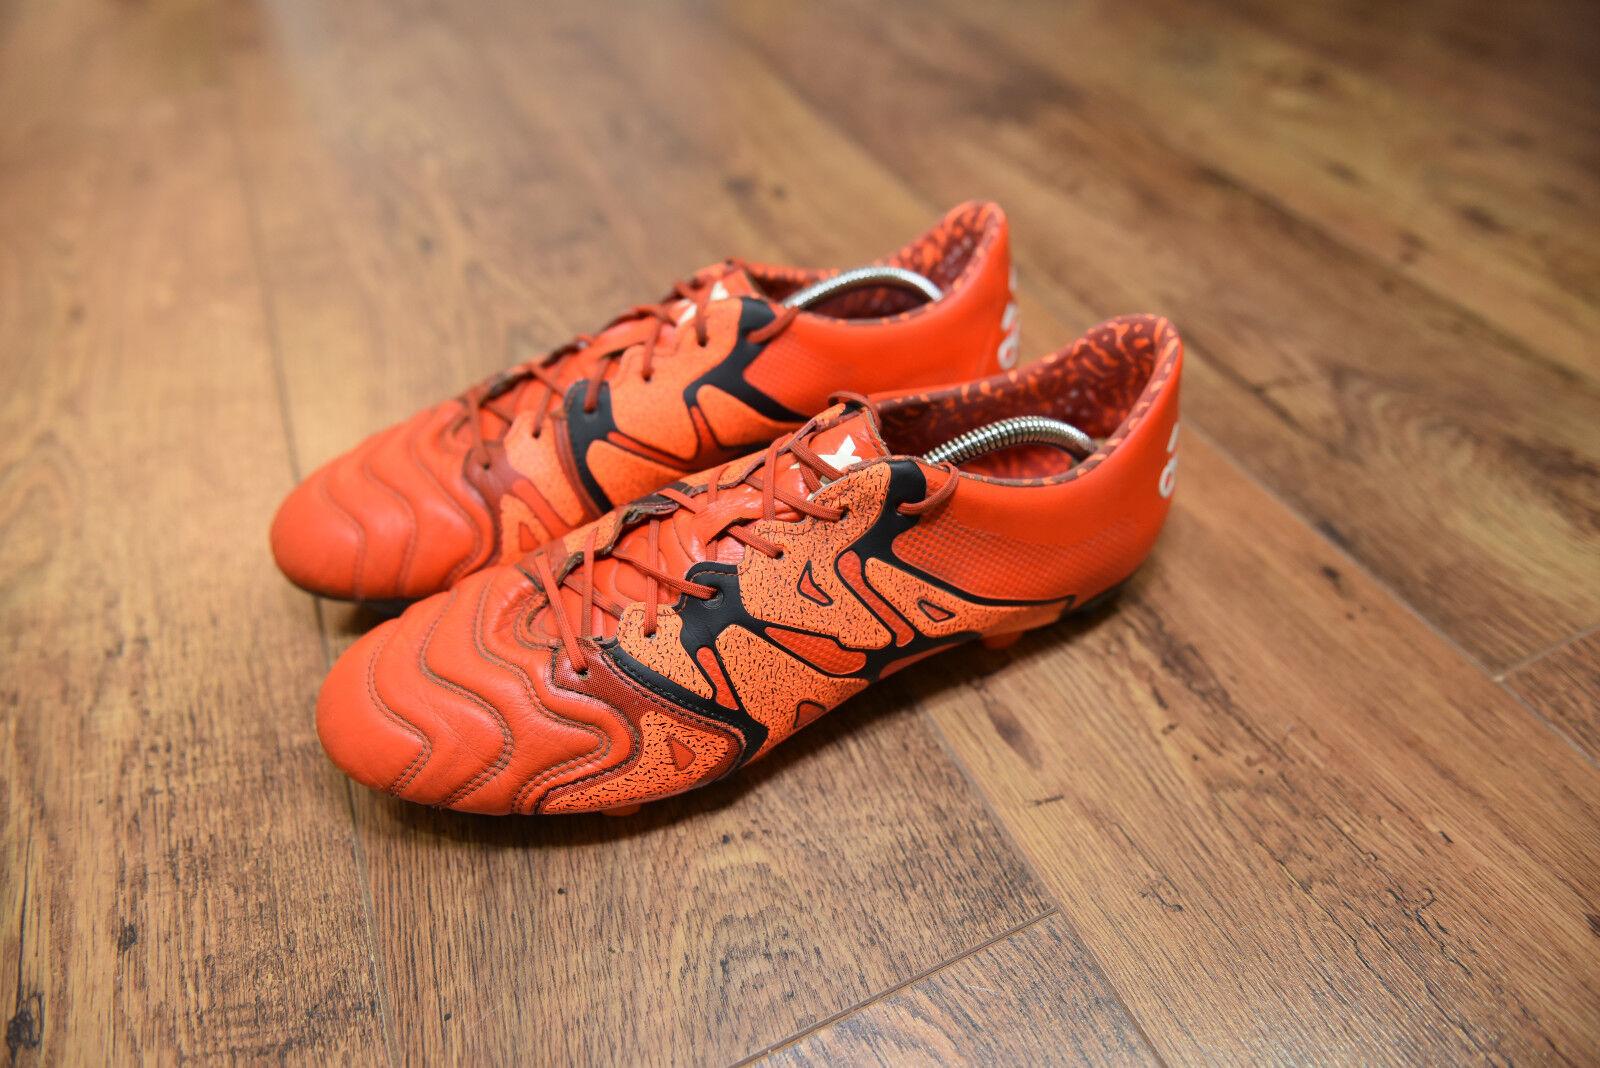 Adidas X 15.1 Cuero Pro Fg botas De Fútbol Talla 12 Reino Unido G. Bale